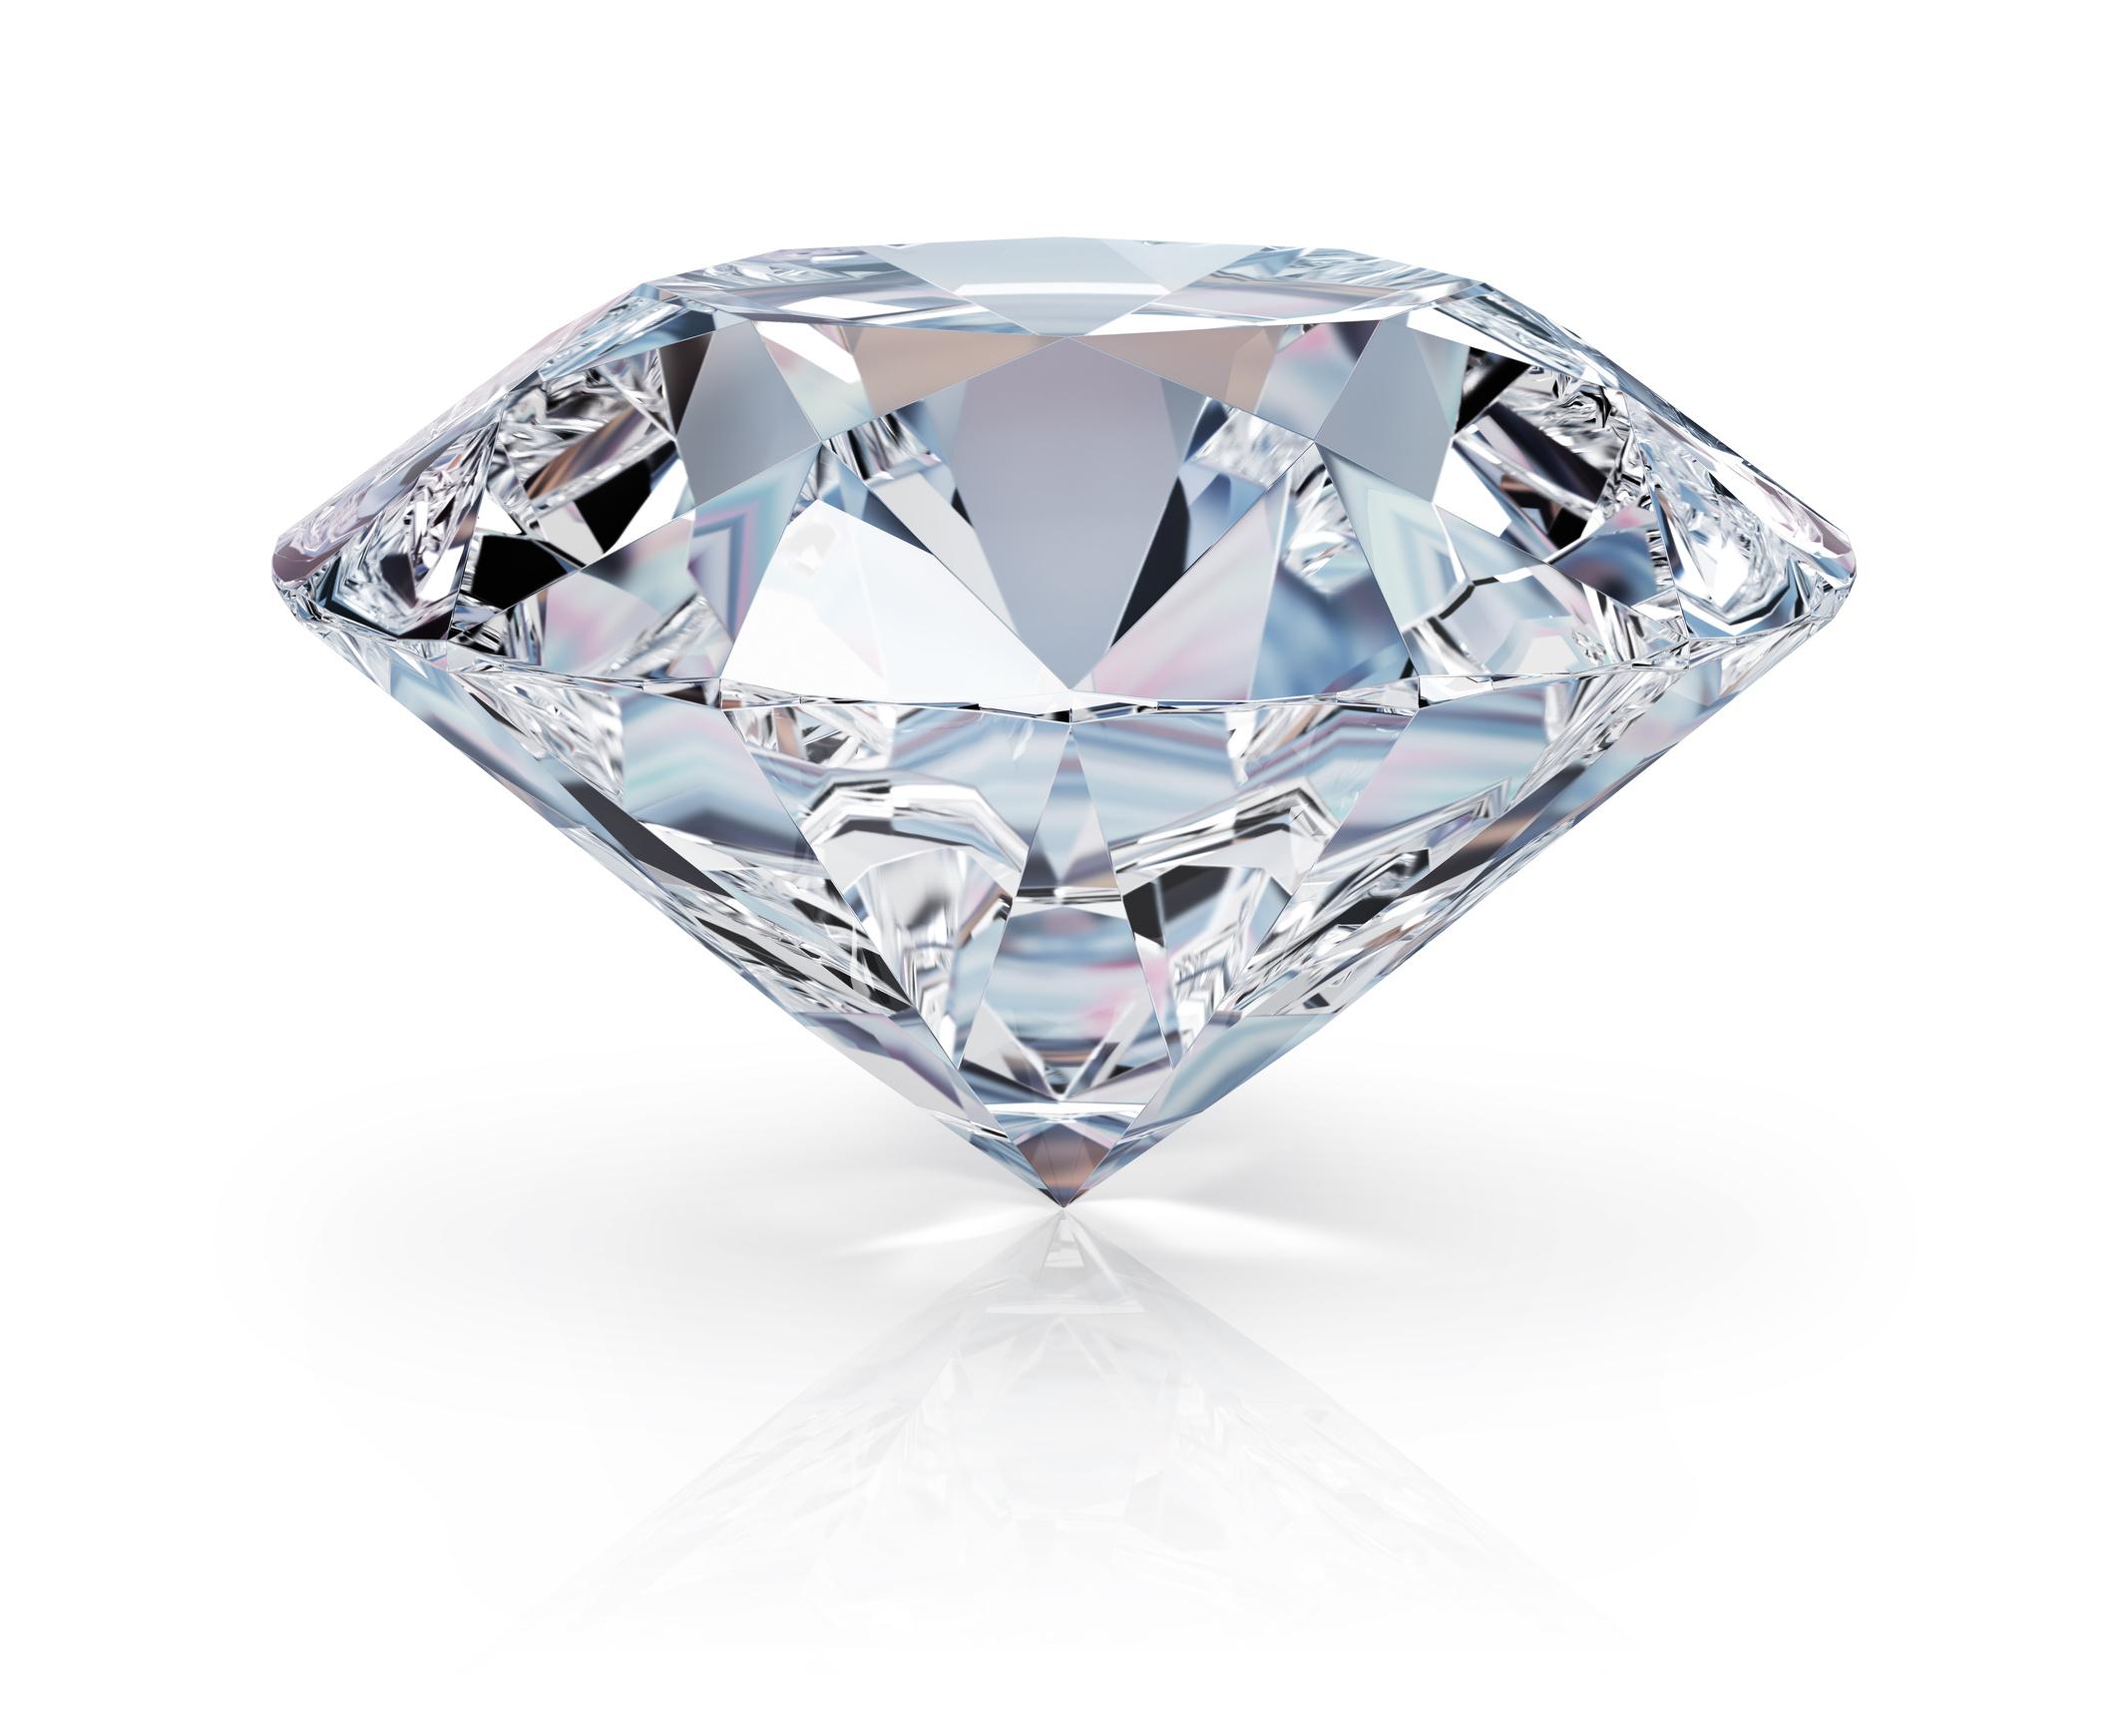 hvad består en diamant af